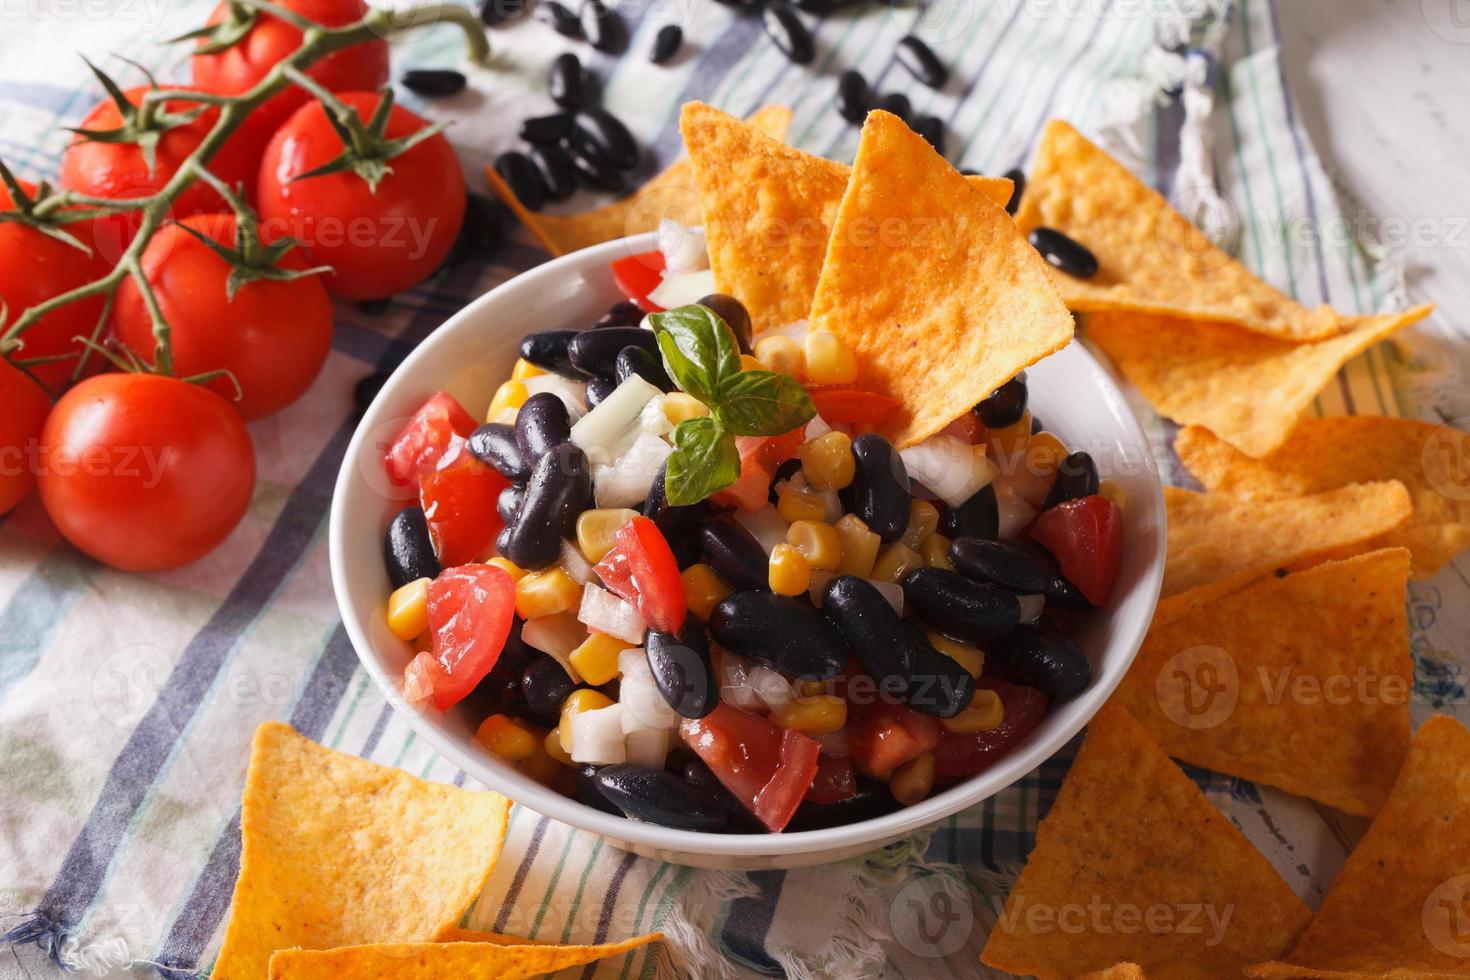 mexikansk mat: välsmakande salsa och majs chips nachos närbild. hor foto